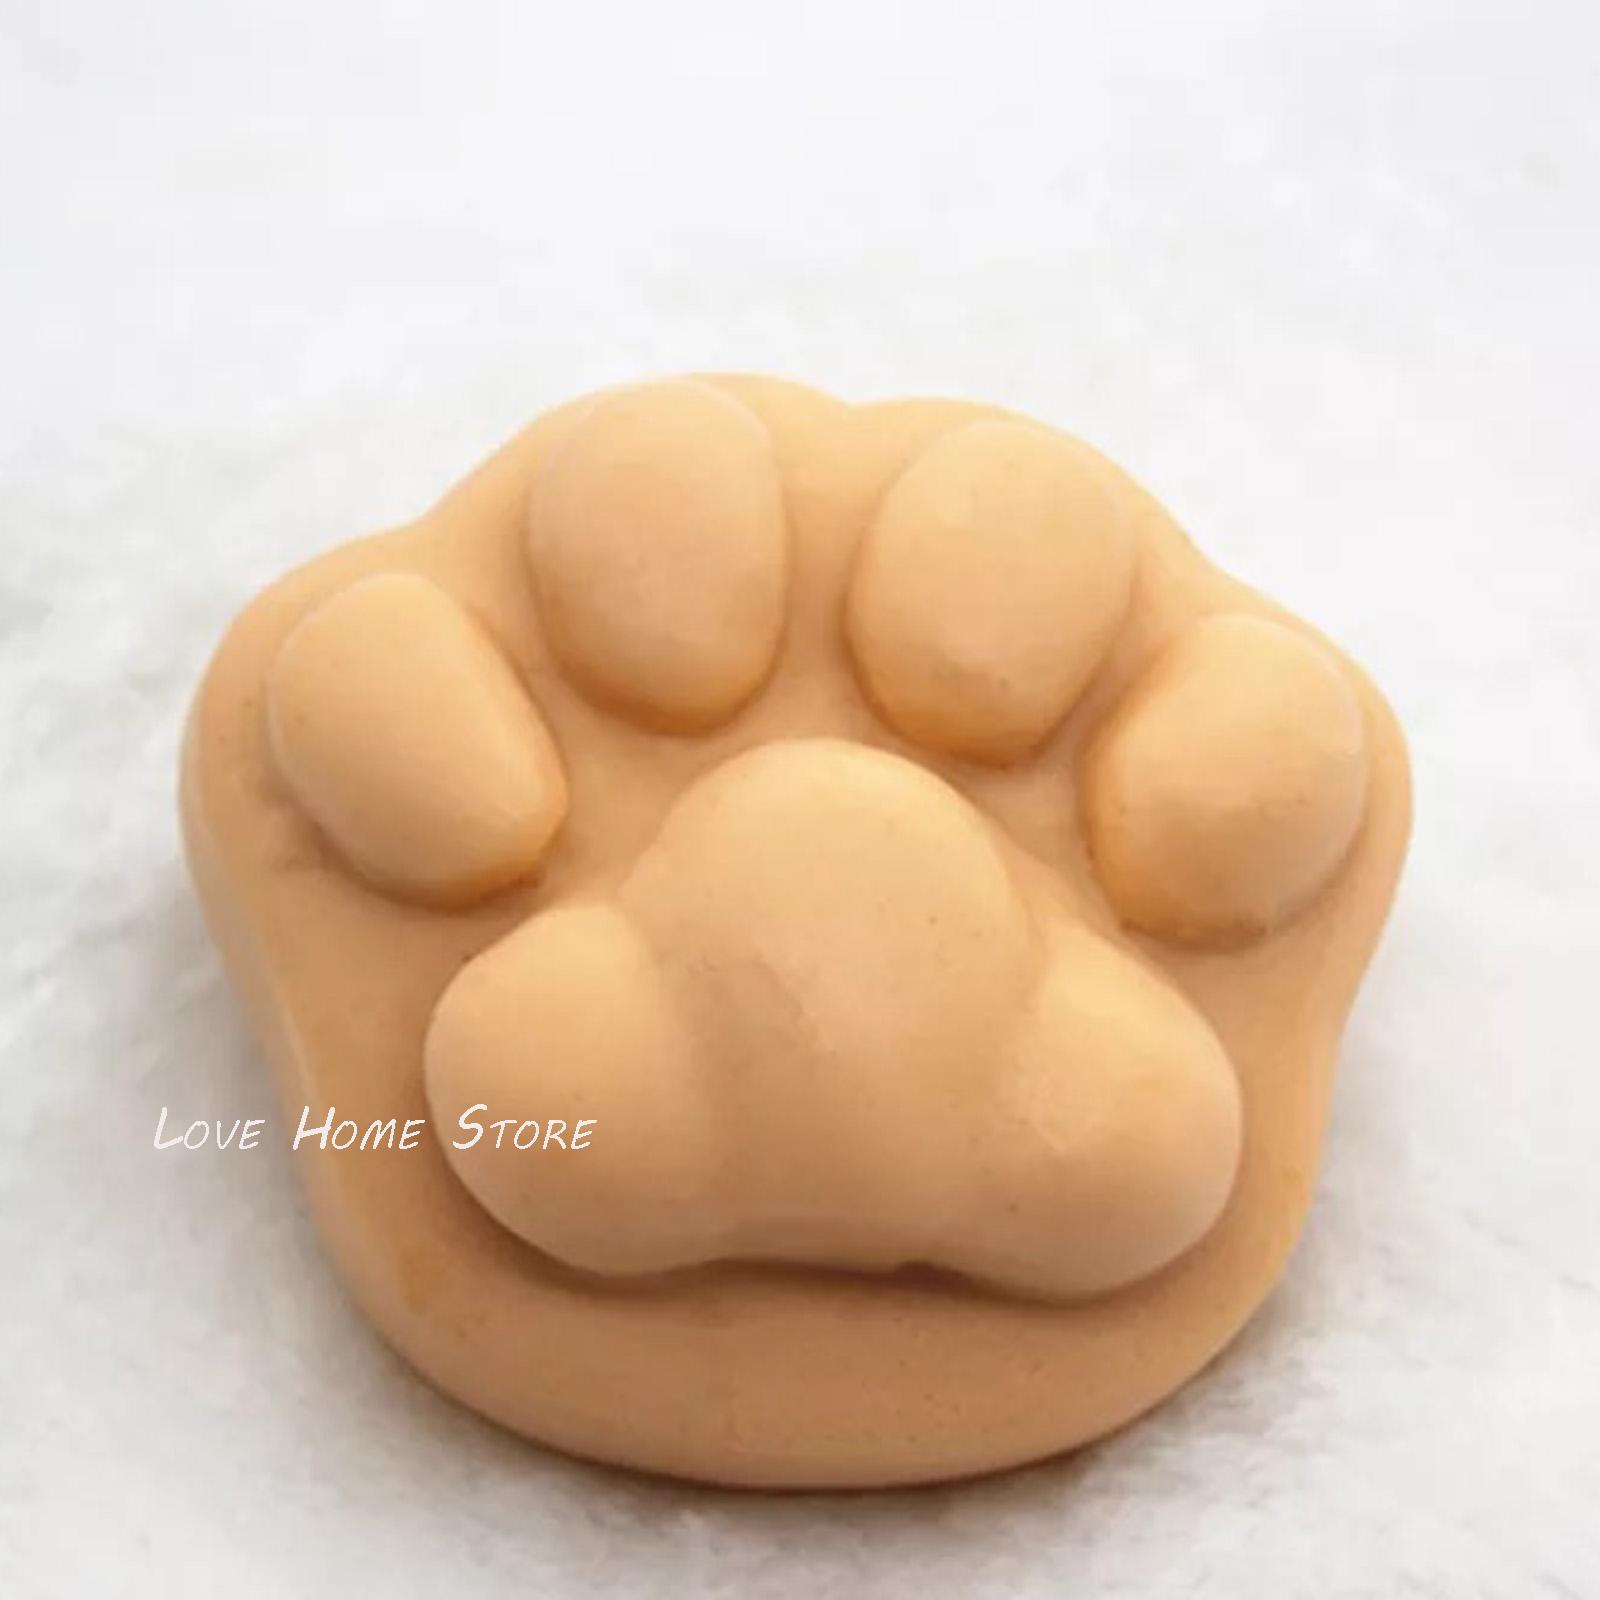 9CM 3D zampa del gatto muffa del sapone del silicone rotondo quadrato della muffa del sapone del silicone della muffa di cottura torta di pan biscotto al cioccolato cubo vassoio torta lavora